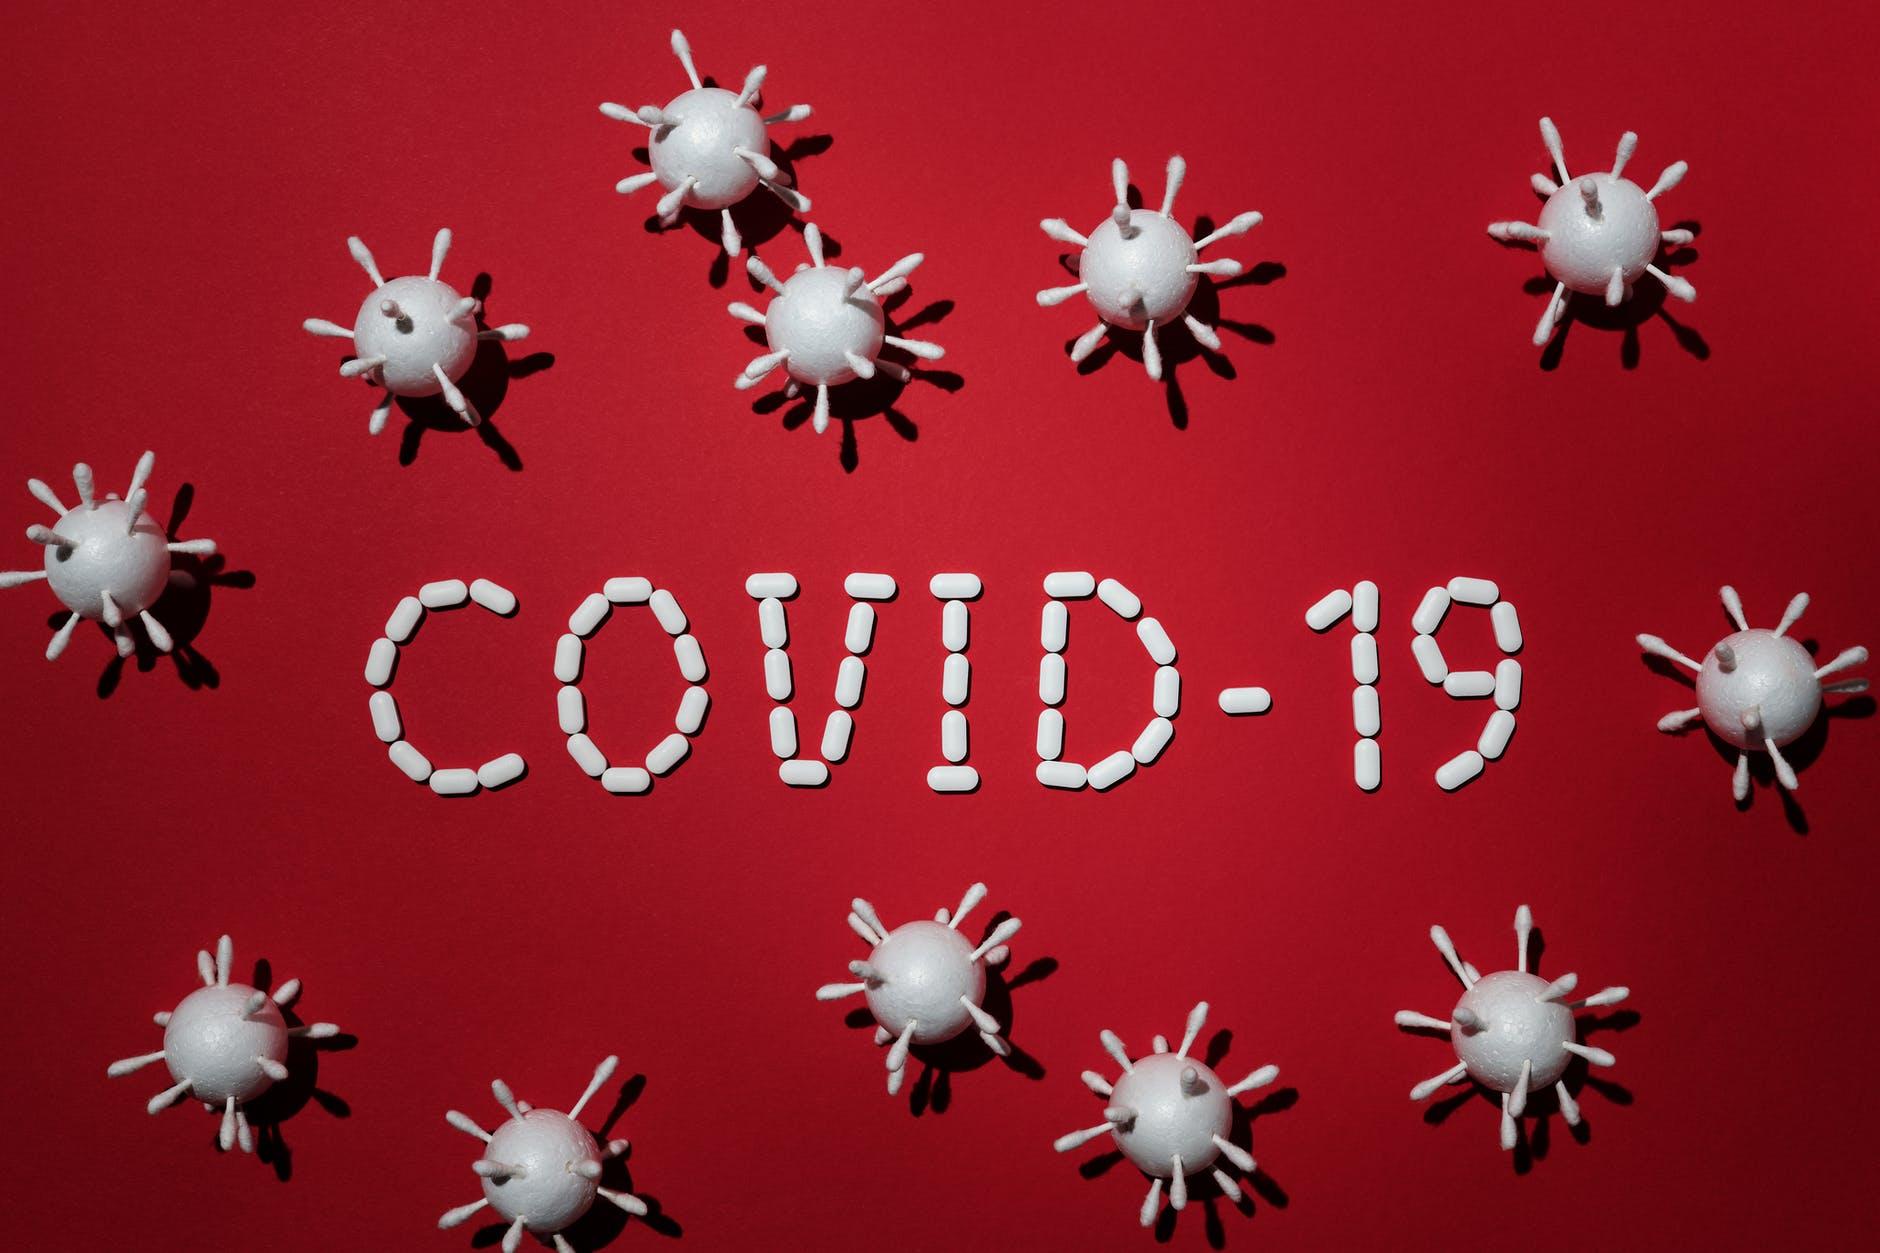 31省份新增新冠肺炎确诊病例17例 其中本土病例3例